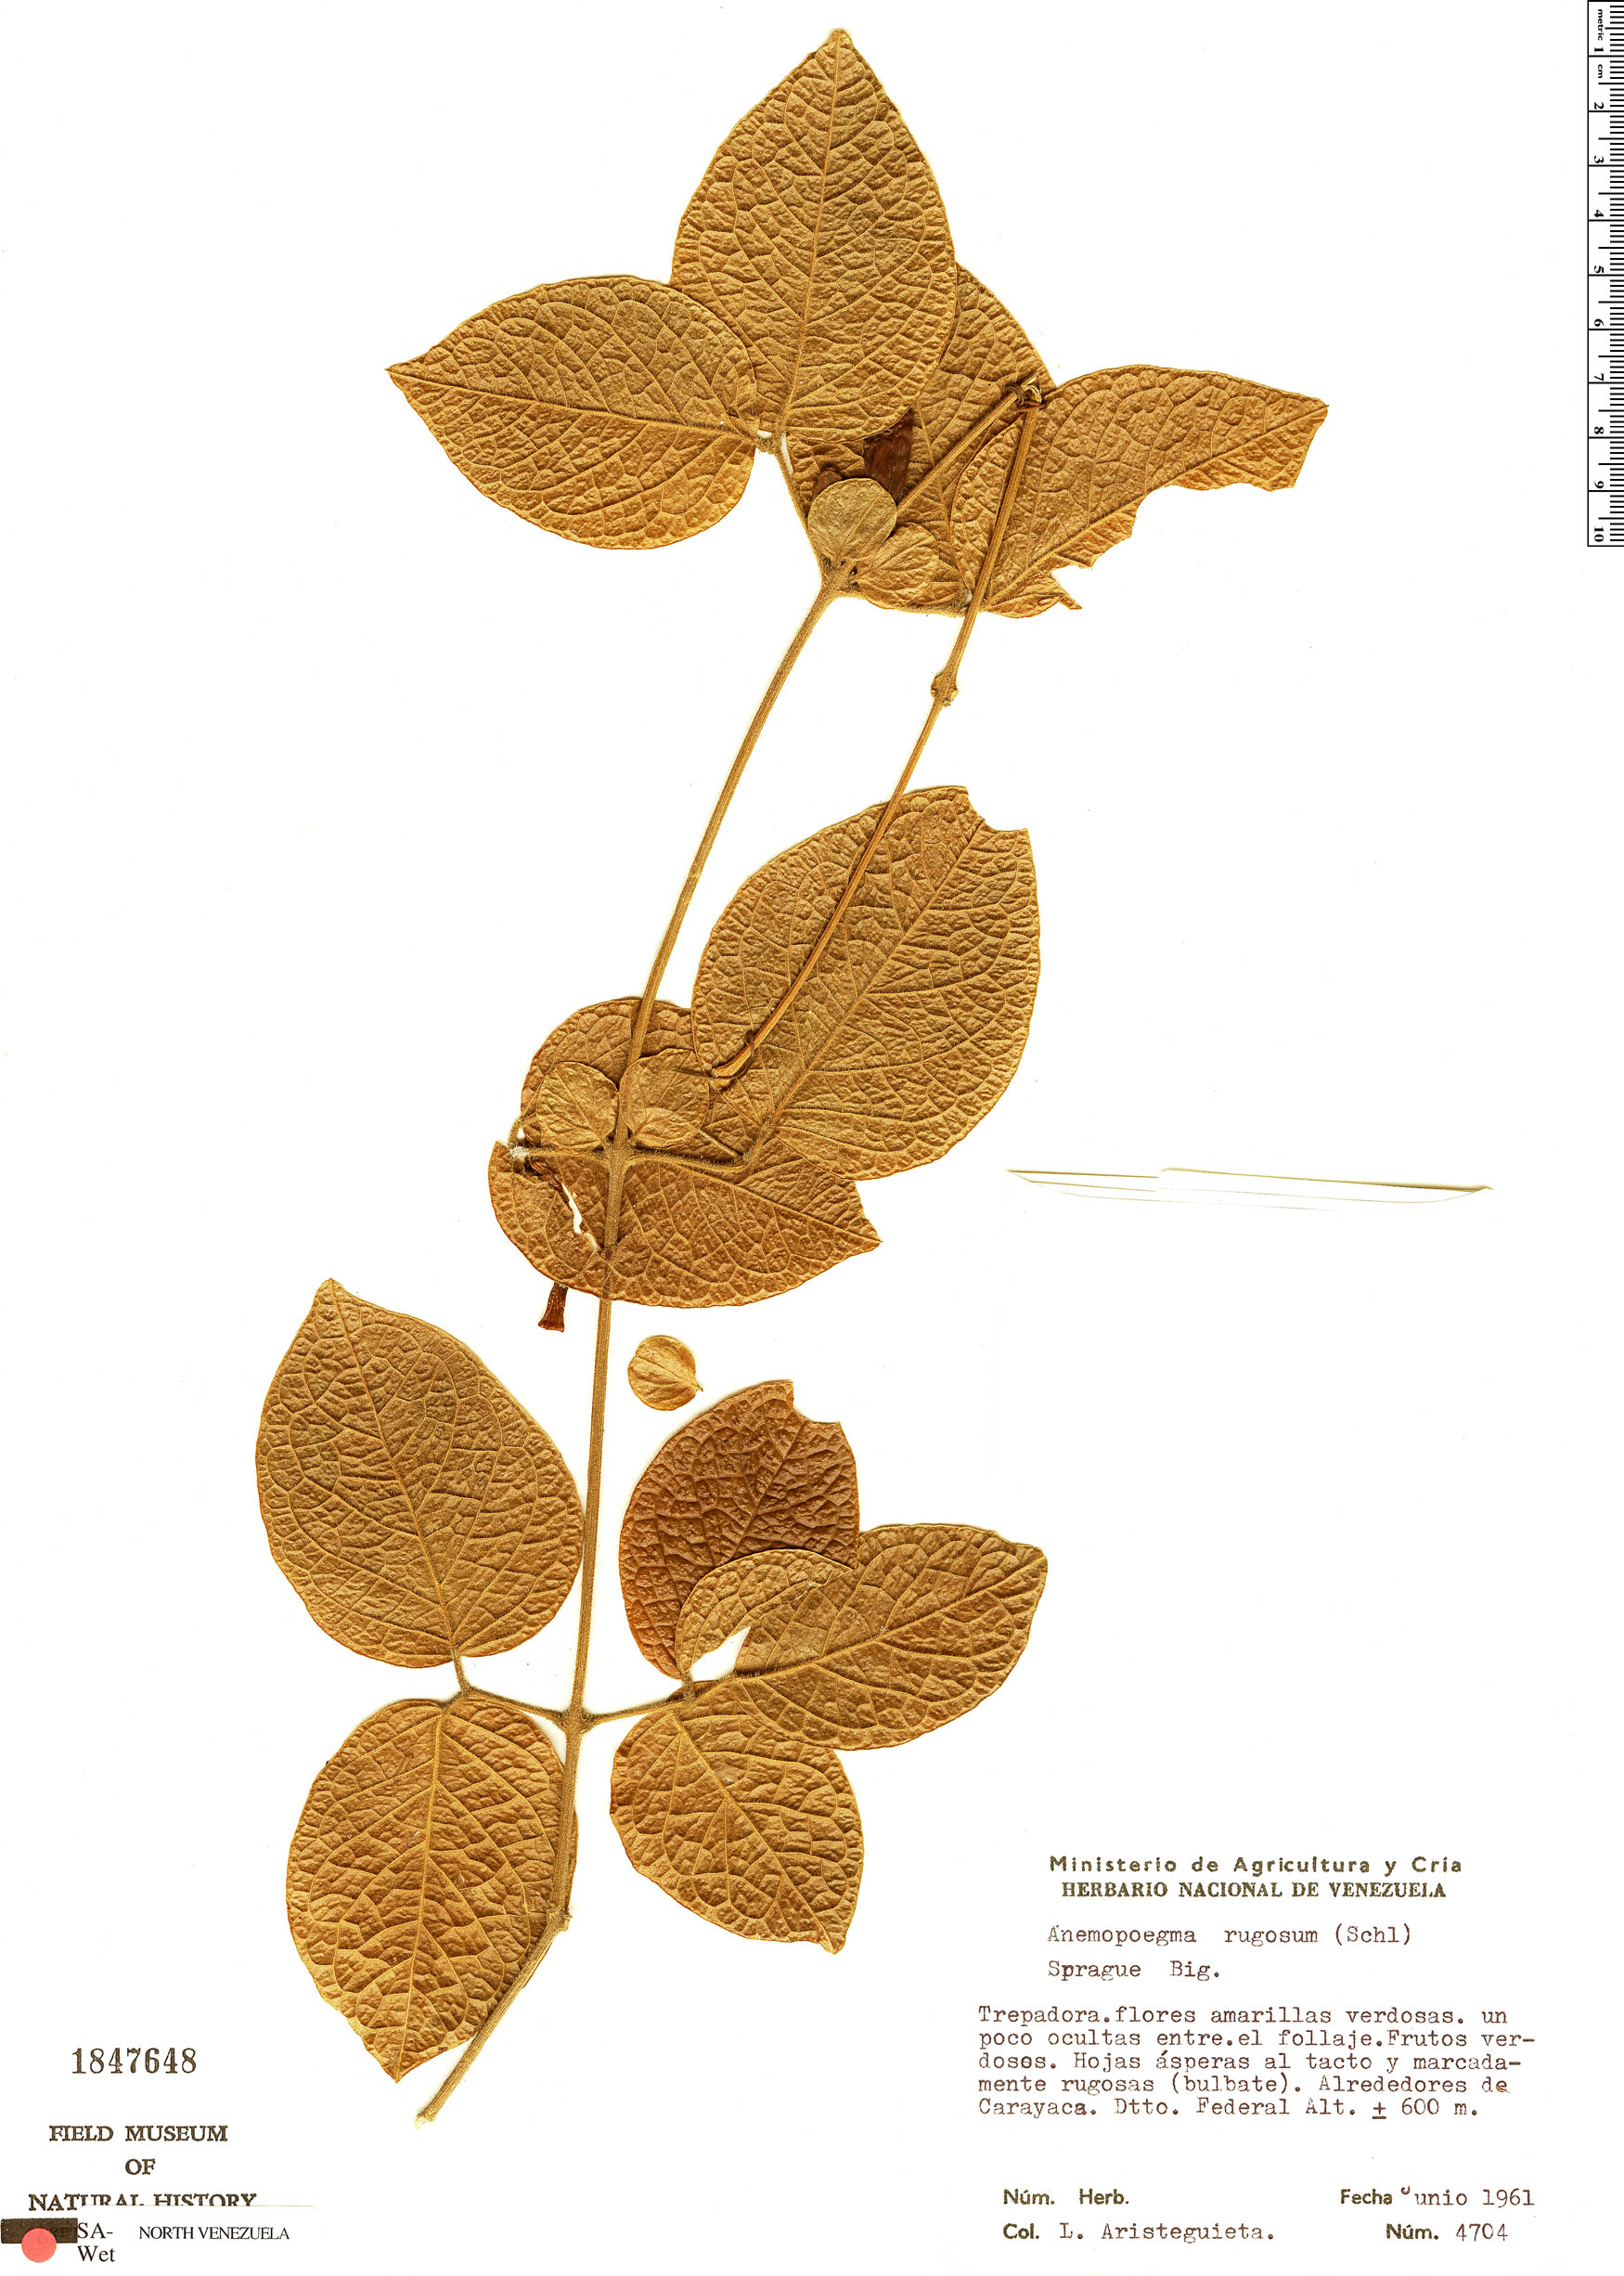 Espécime: Anemopaegma rugosum